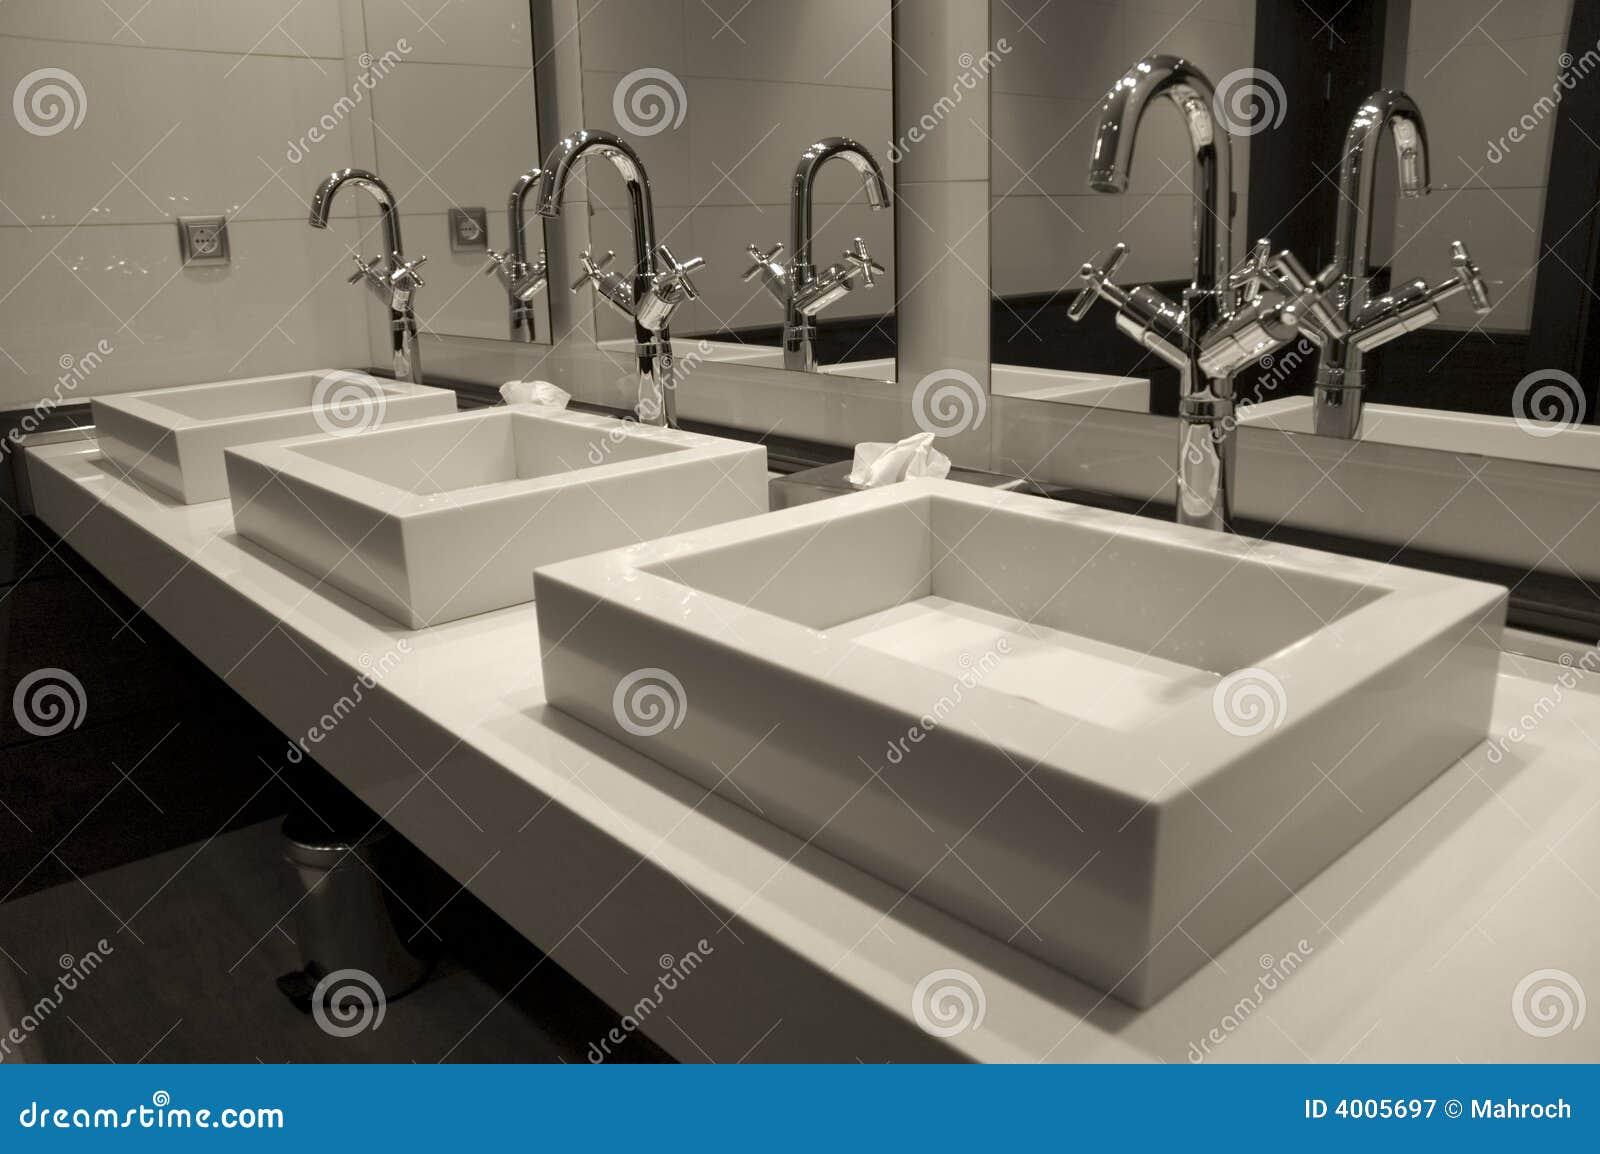 Vanite salle de bain moderne Salle de bain de luxe moderne